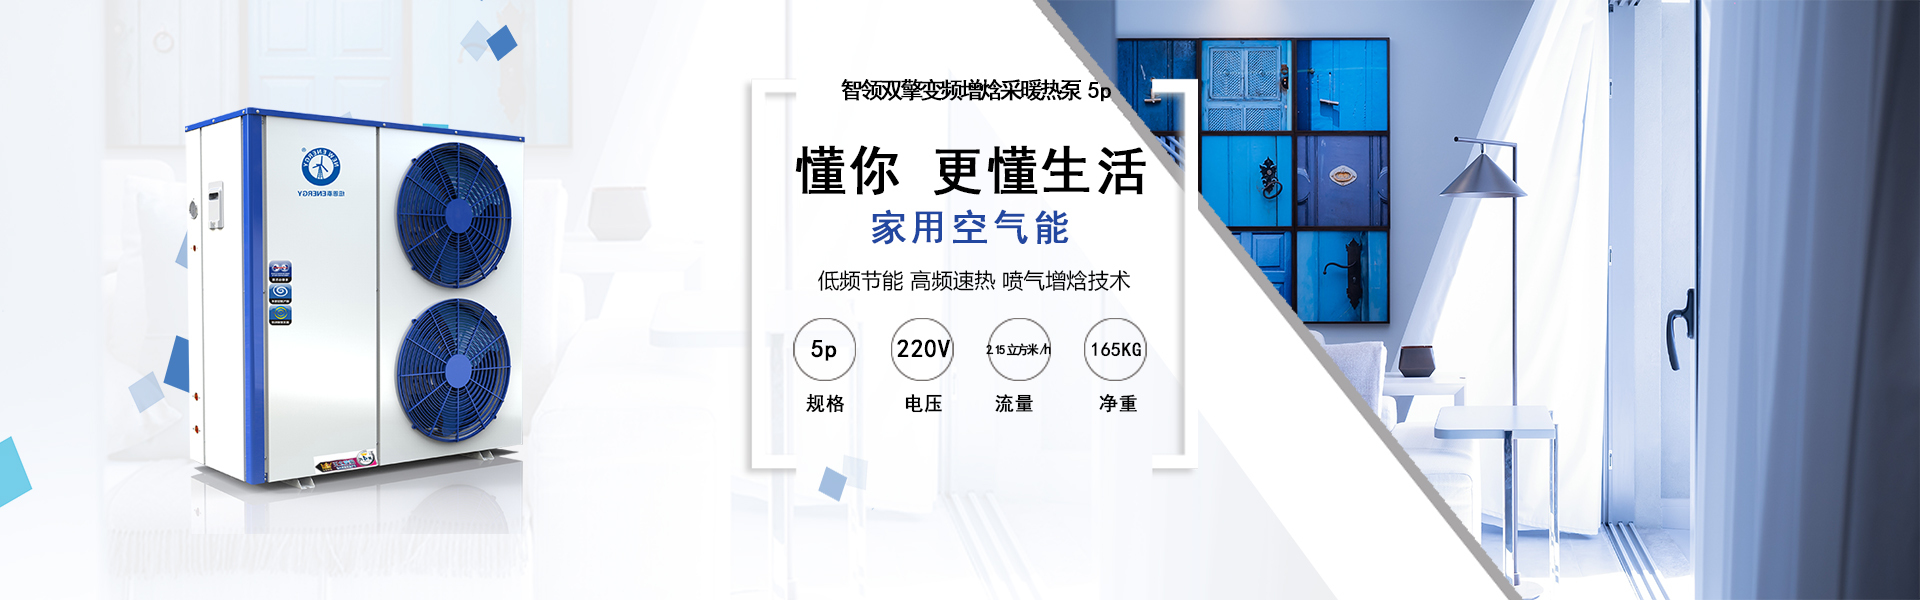 甘肃万博官方网站手机版源万博官方网站注册登录